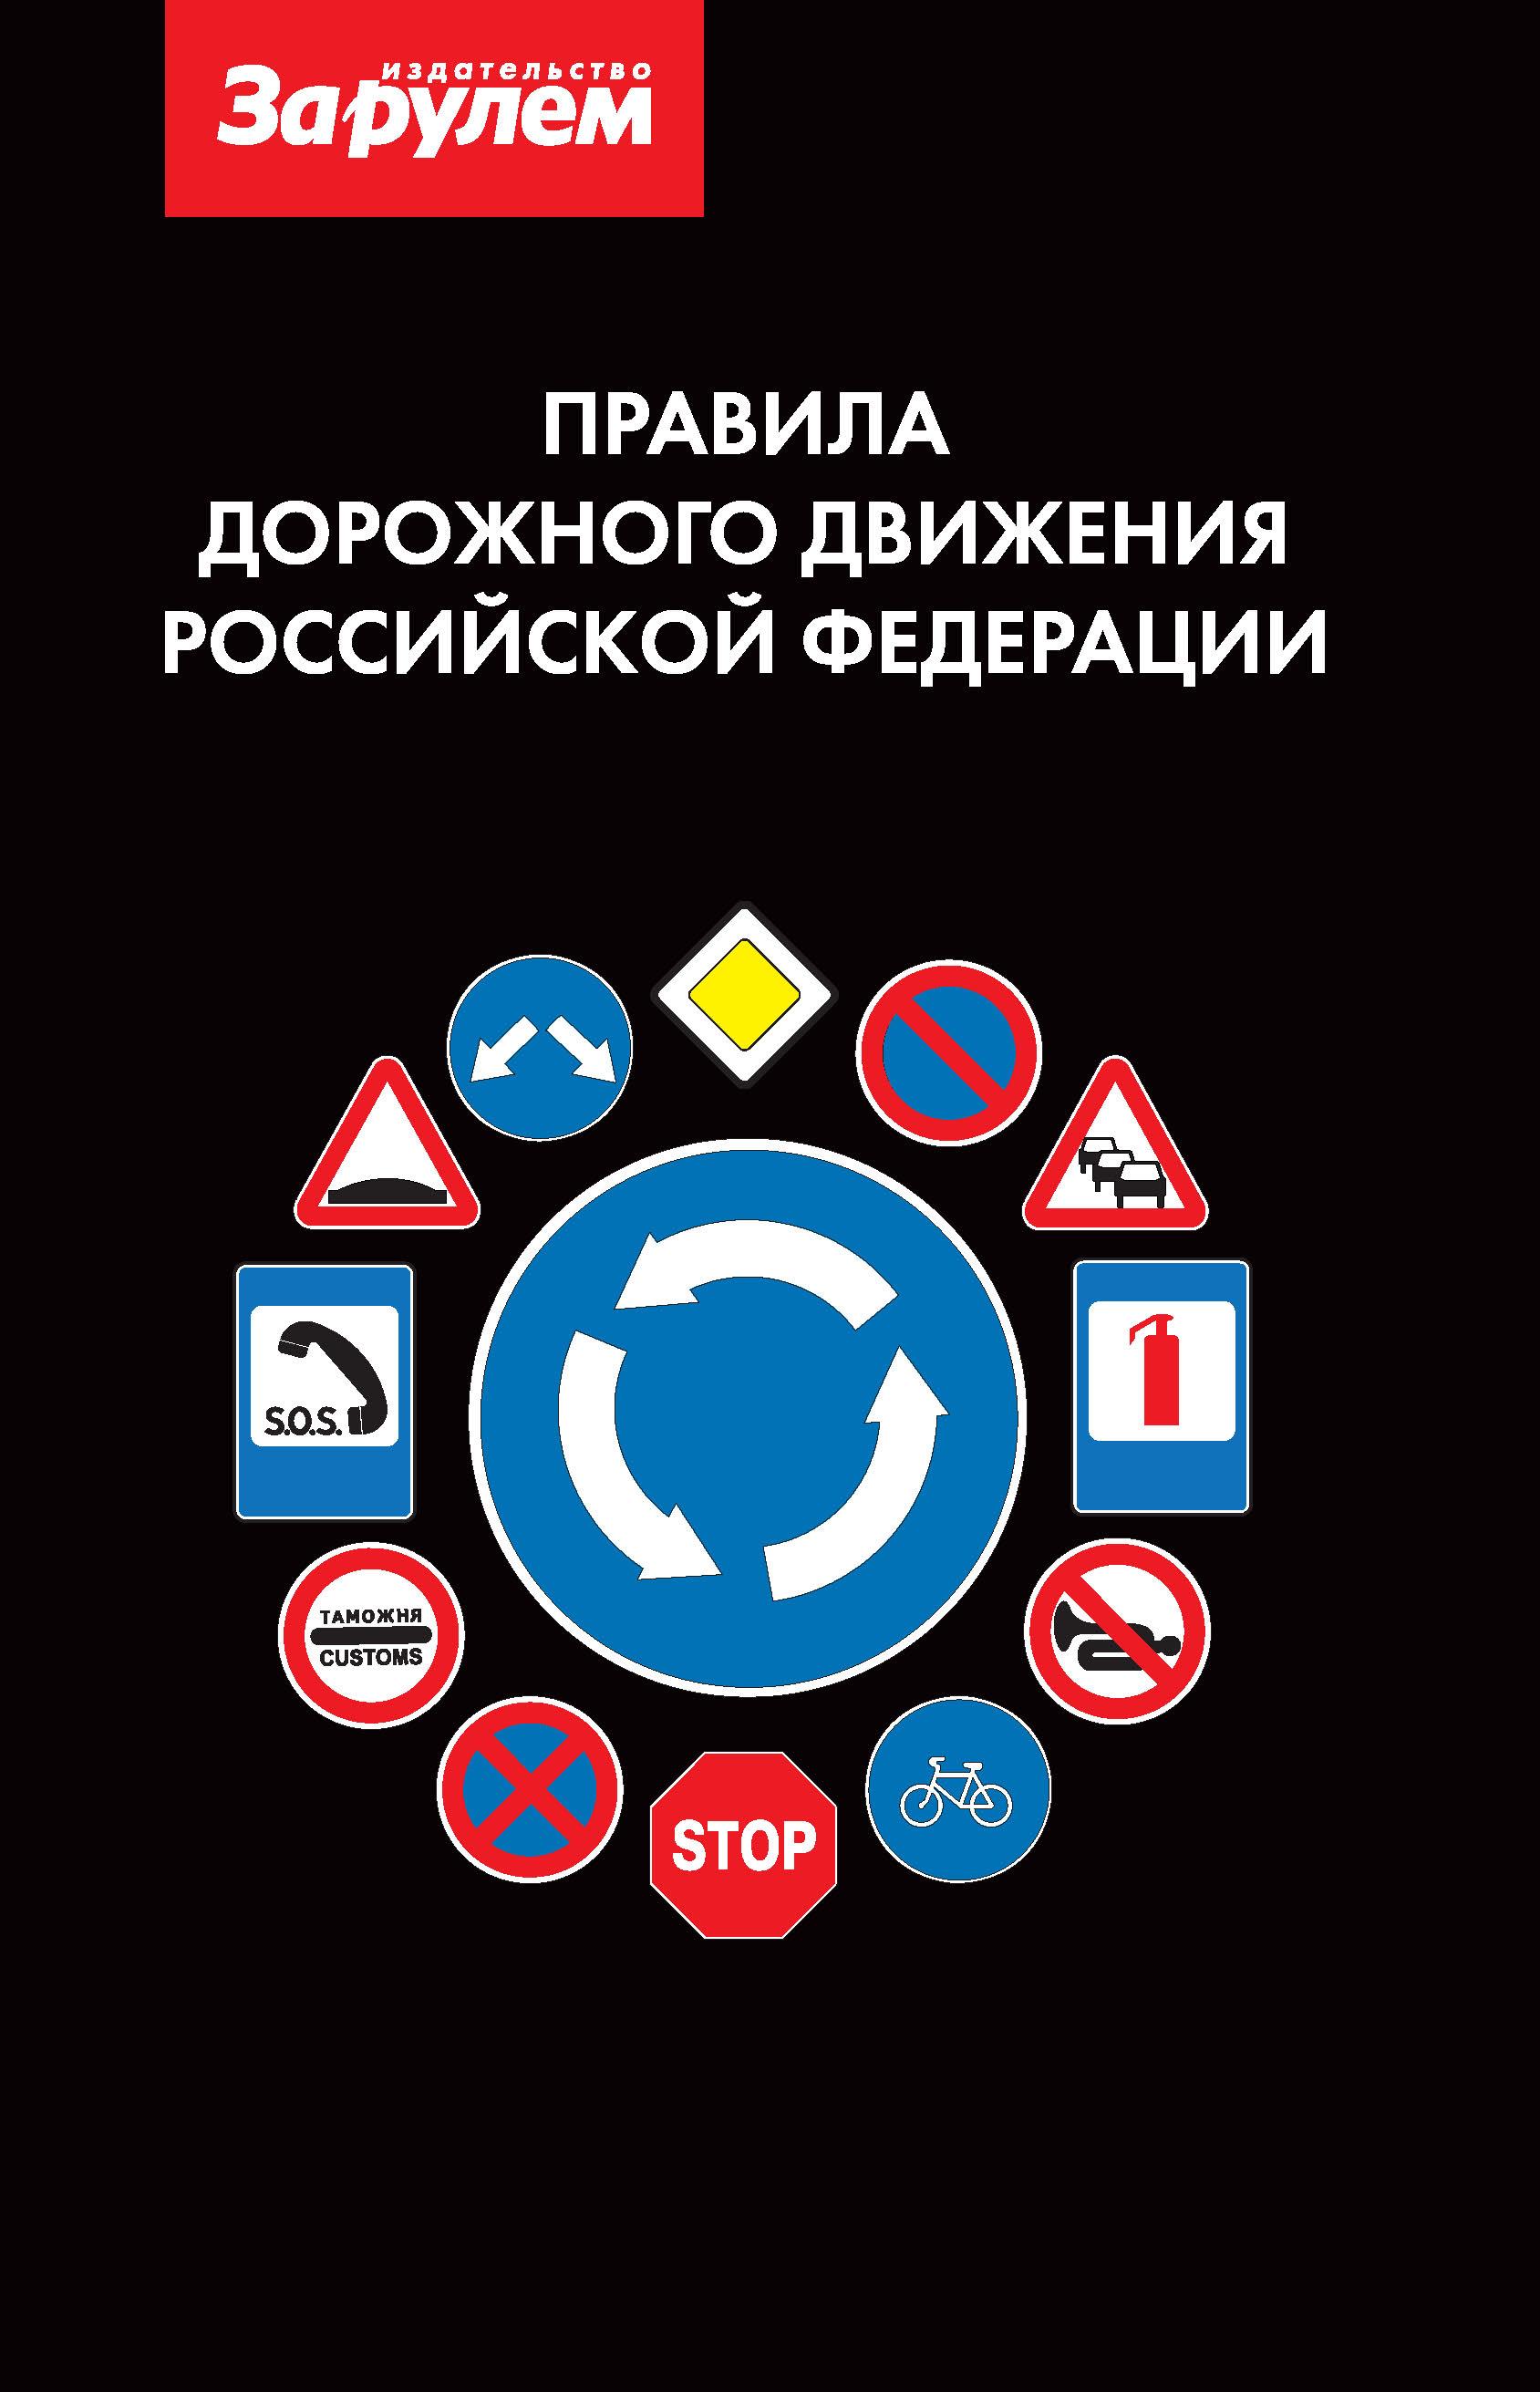 Отсутствует Правила дорожного движения Российской Федерации отсутствует правила дорожного движения российской федерации по состоянию на 01 сентября 2014 г